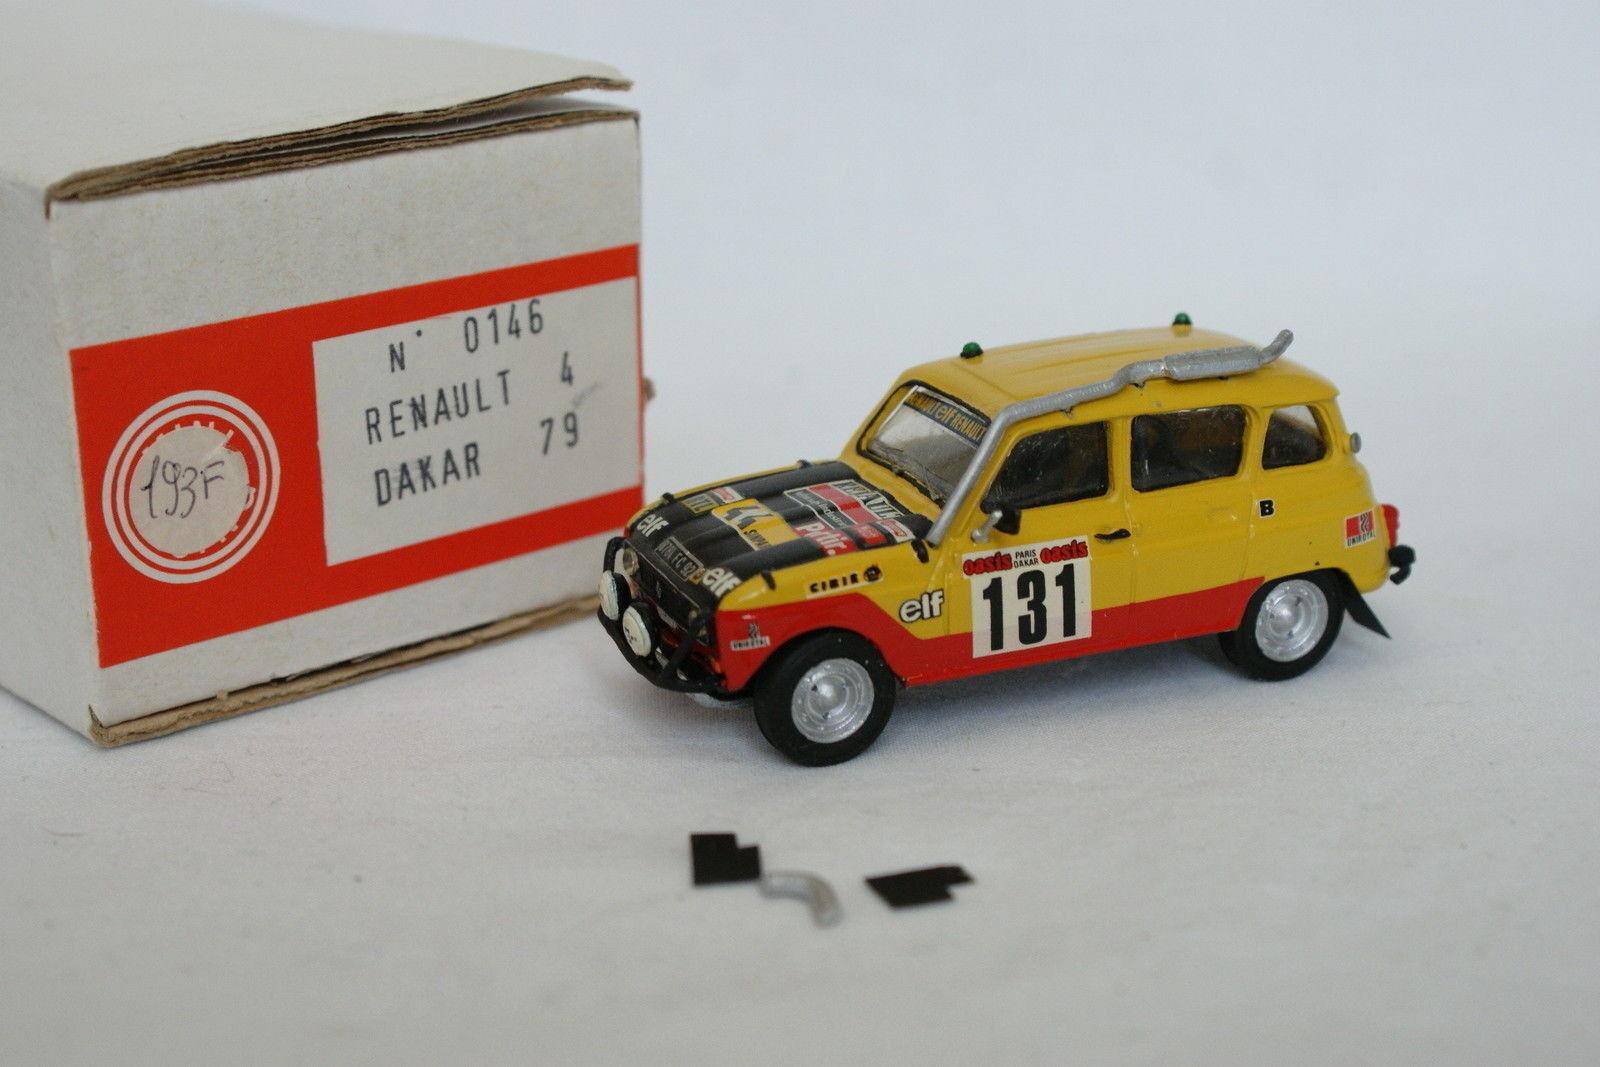 Mini - 1   43 - Renault 4 - 4 - París Dakar 1979